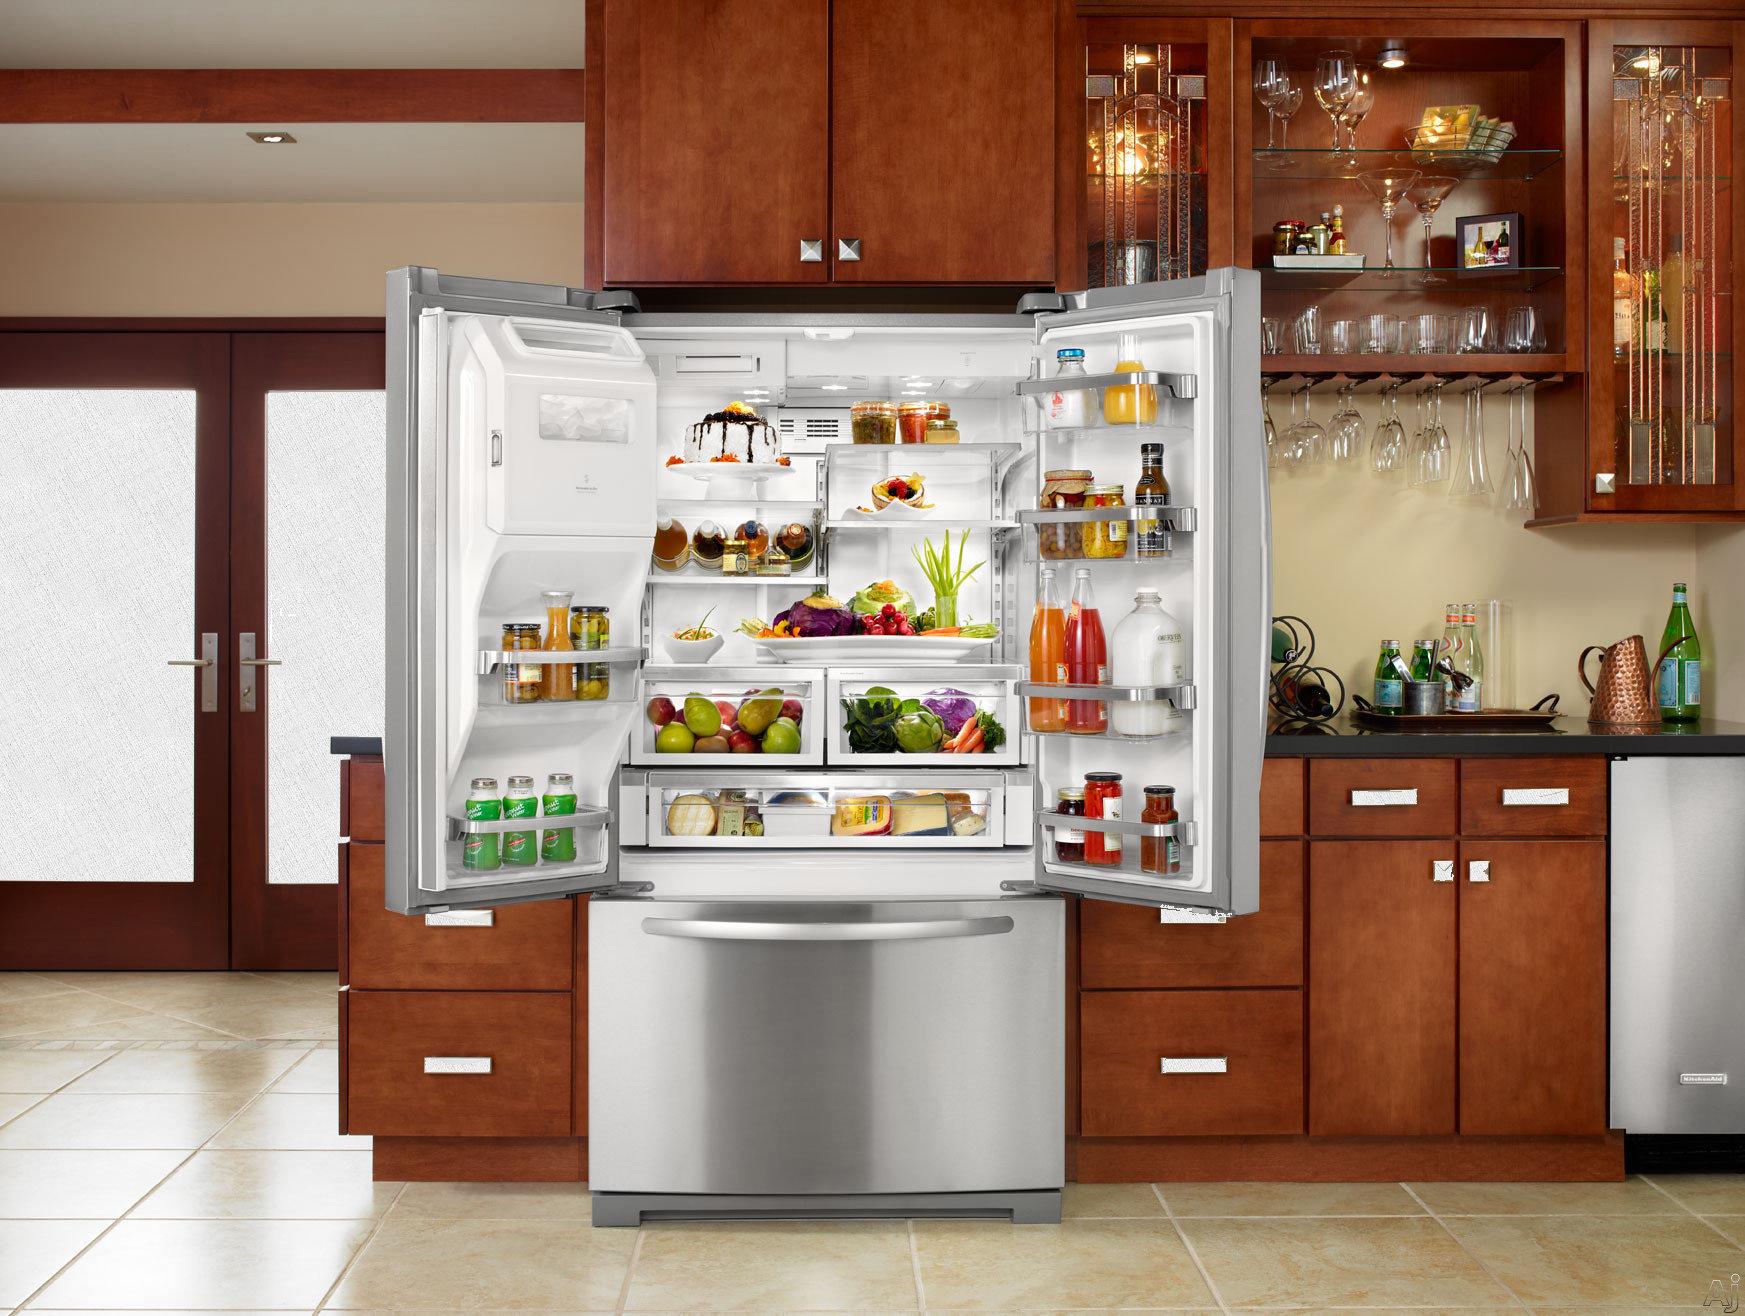 холодильник выдвинут вперёд, чтобы не стукнуть двери